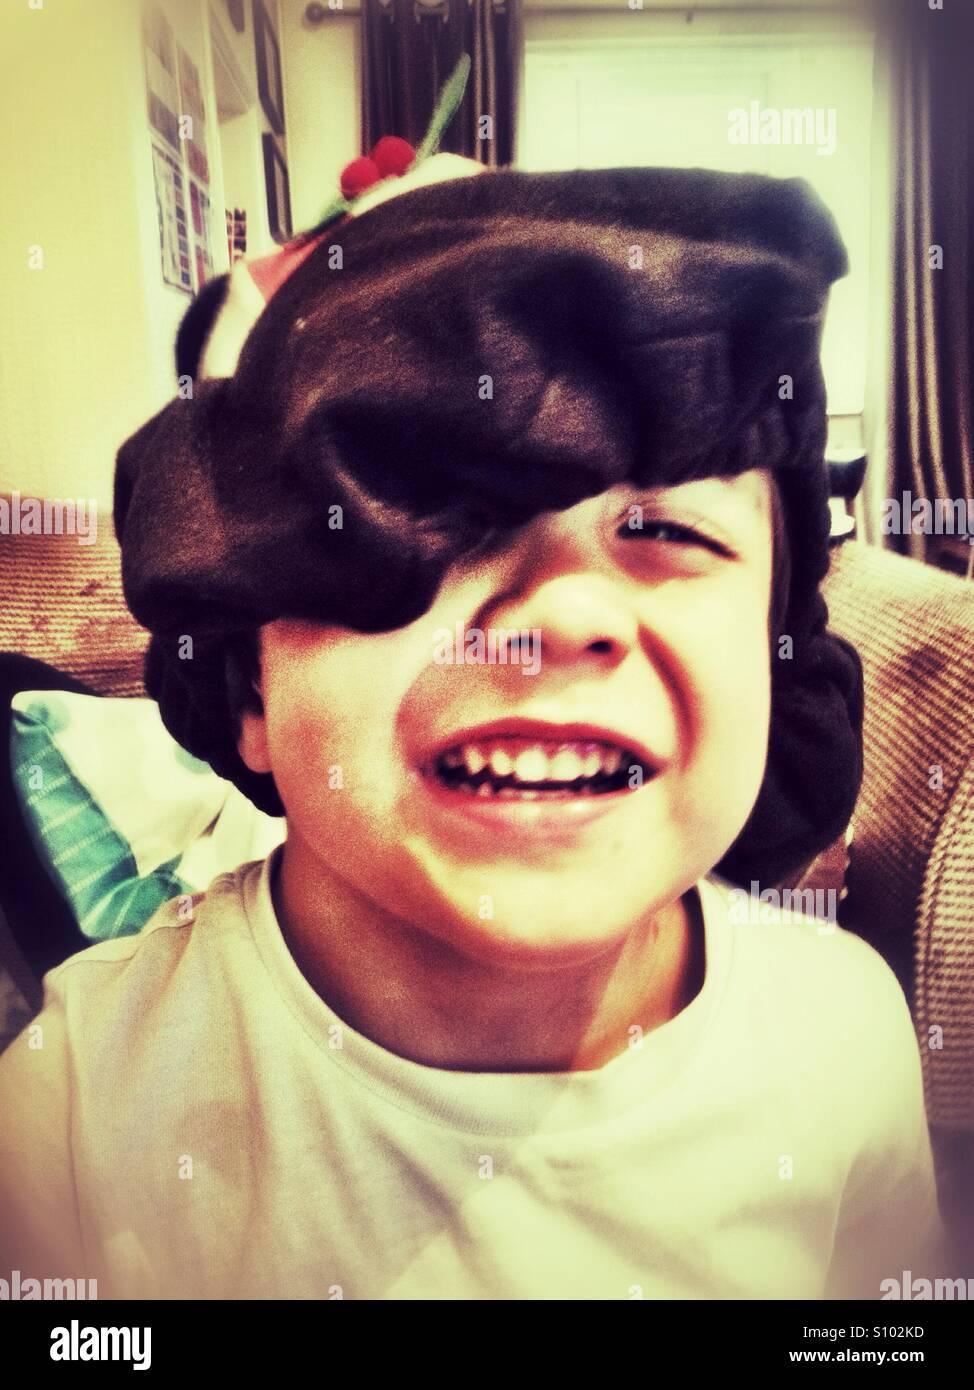 Ein fröhlicher Junge Junge einen festlichen Hut. Stockbild